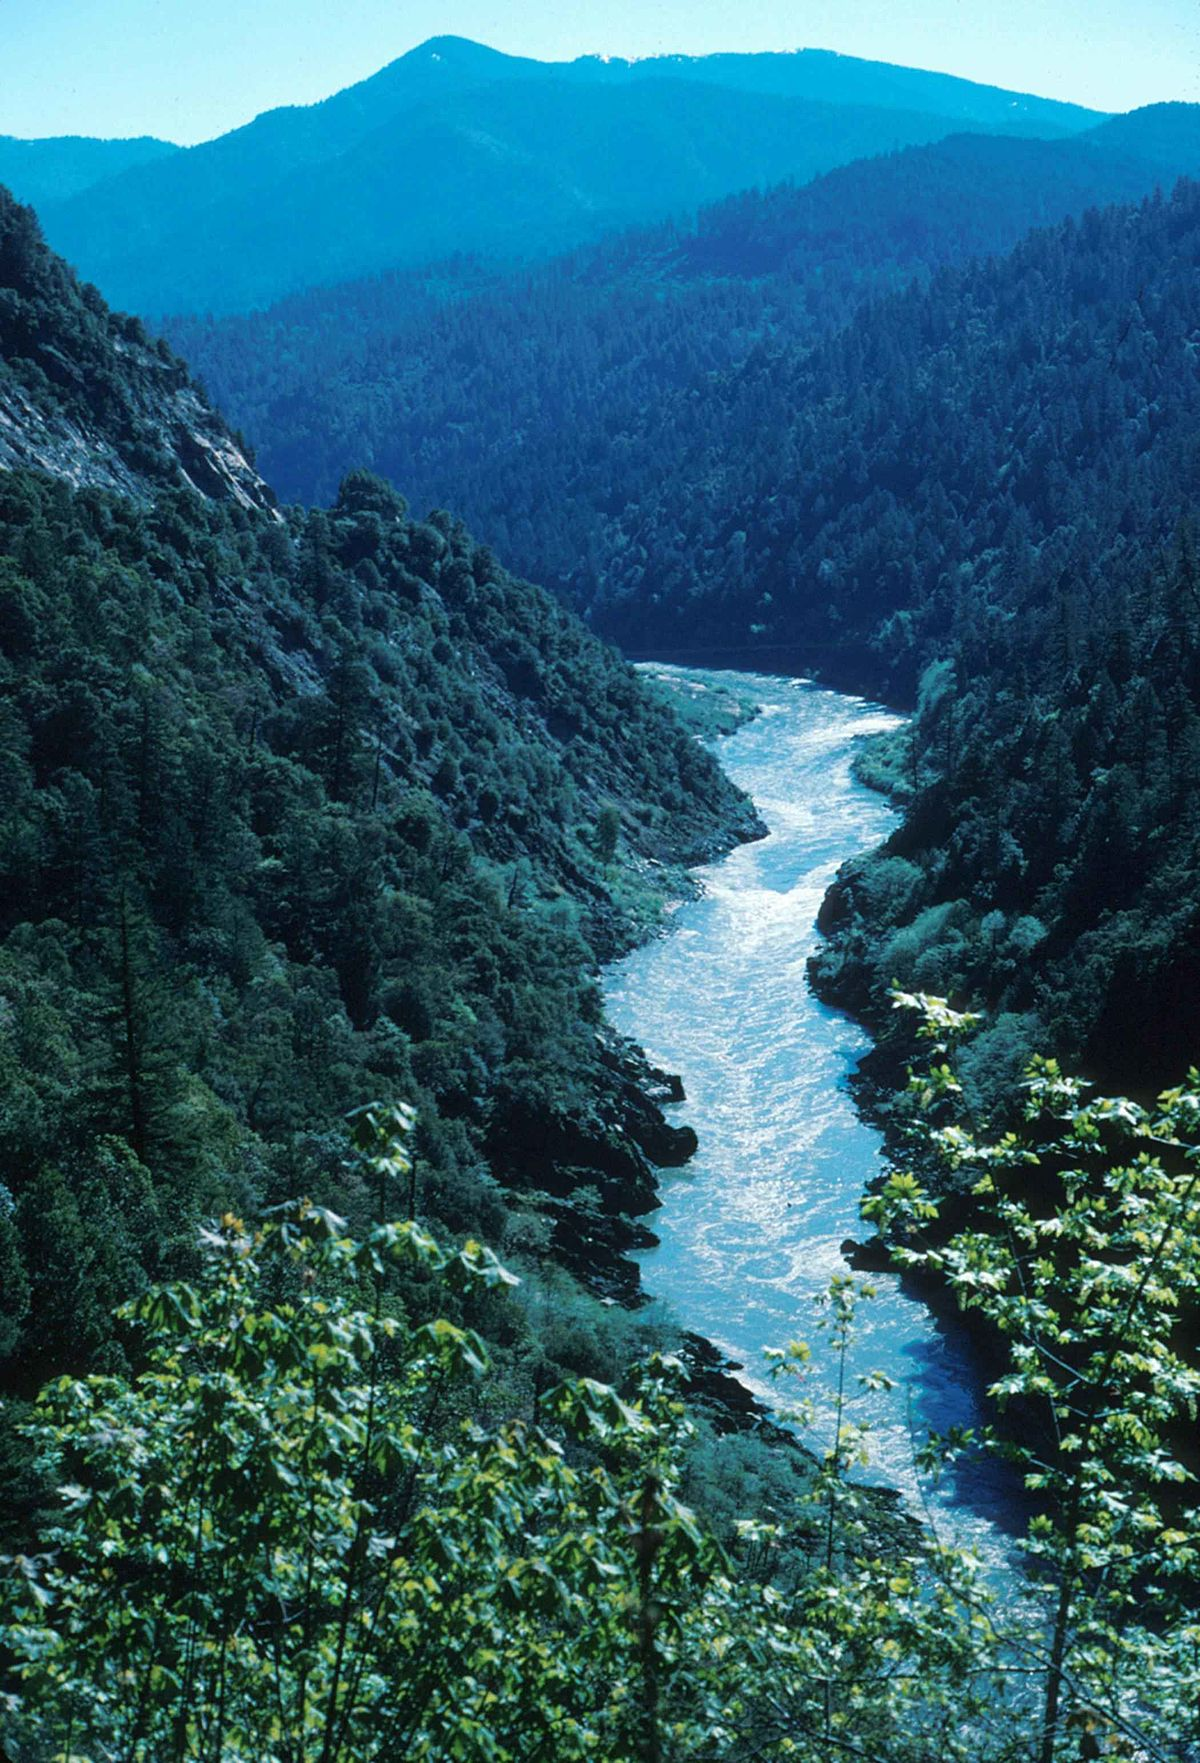 Klamath River - Wikipedia